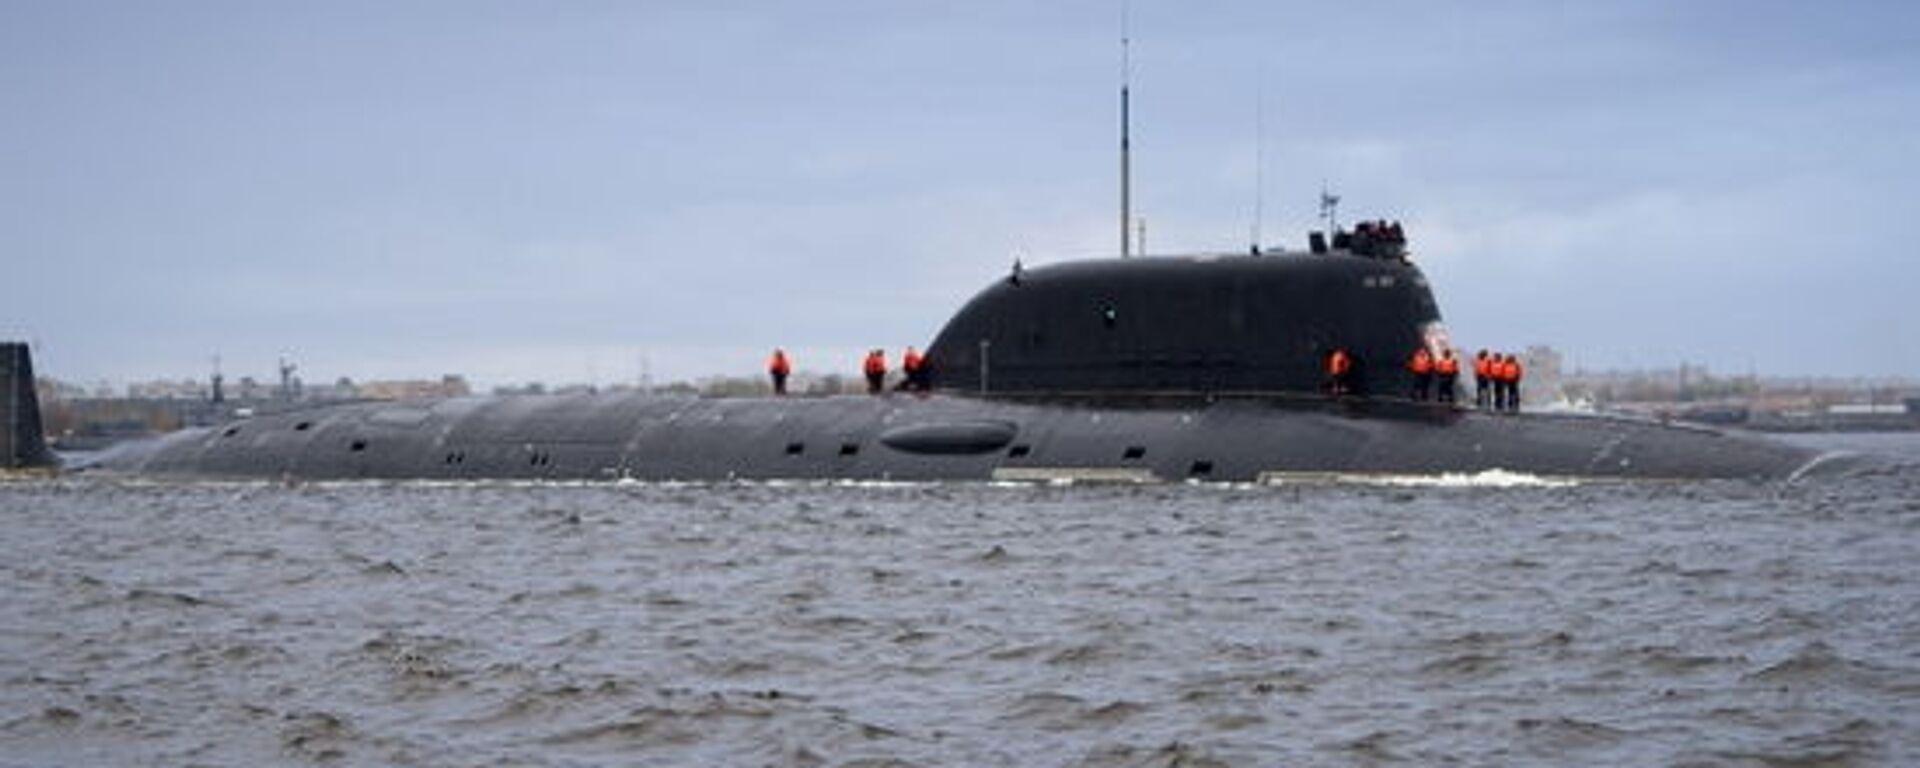 """Nuklearna podmornica """"Kazanj"""" - Sputnik Srbija, 1920, 11.08.2021"""